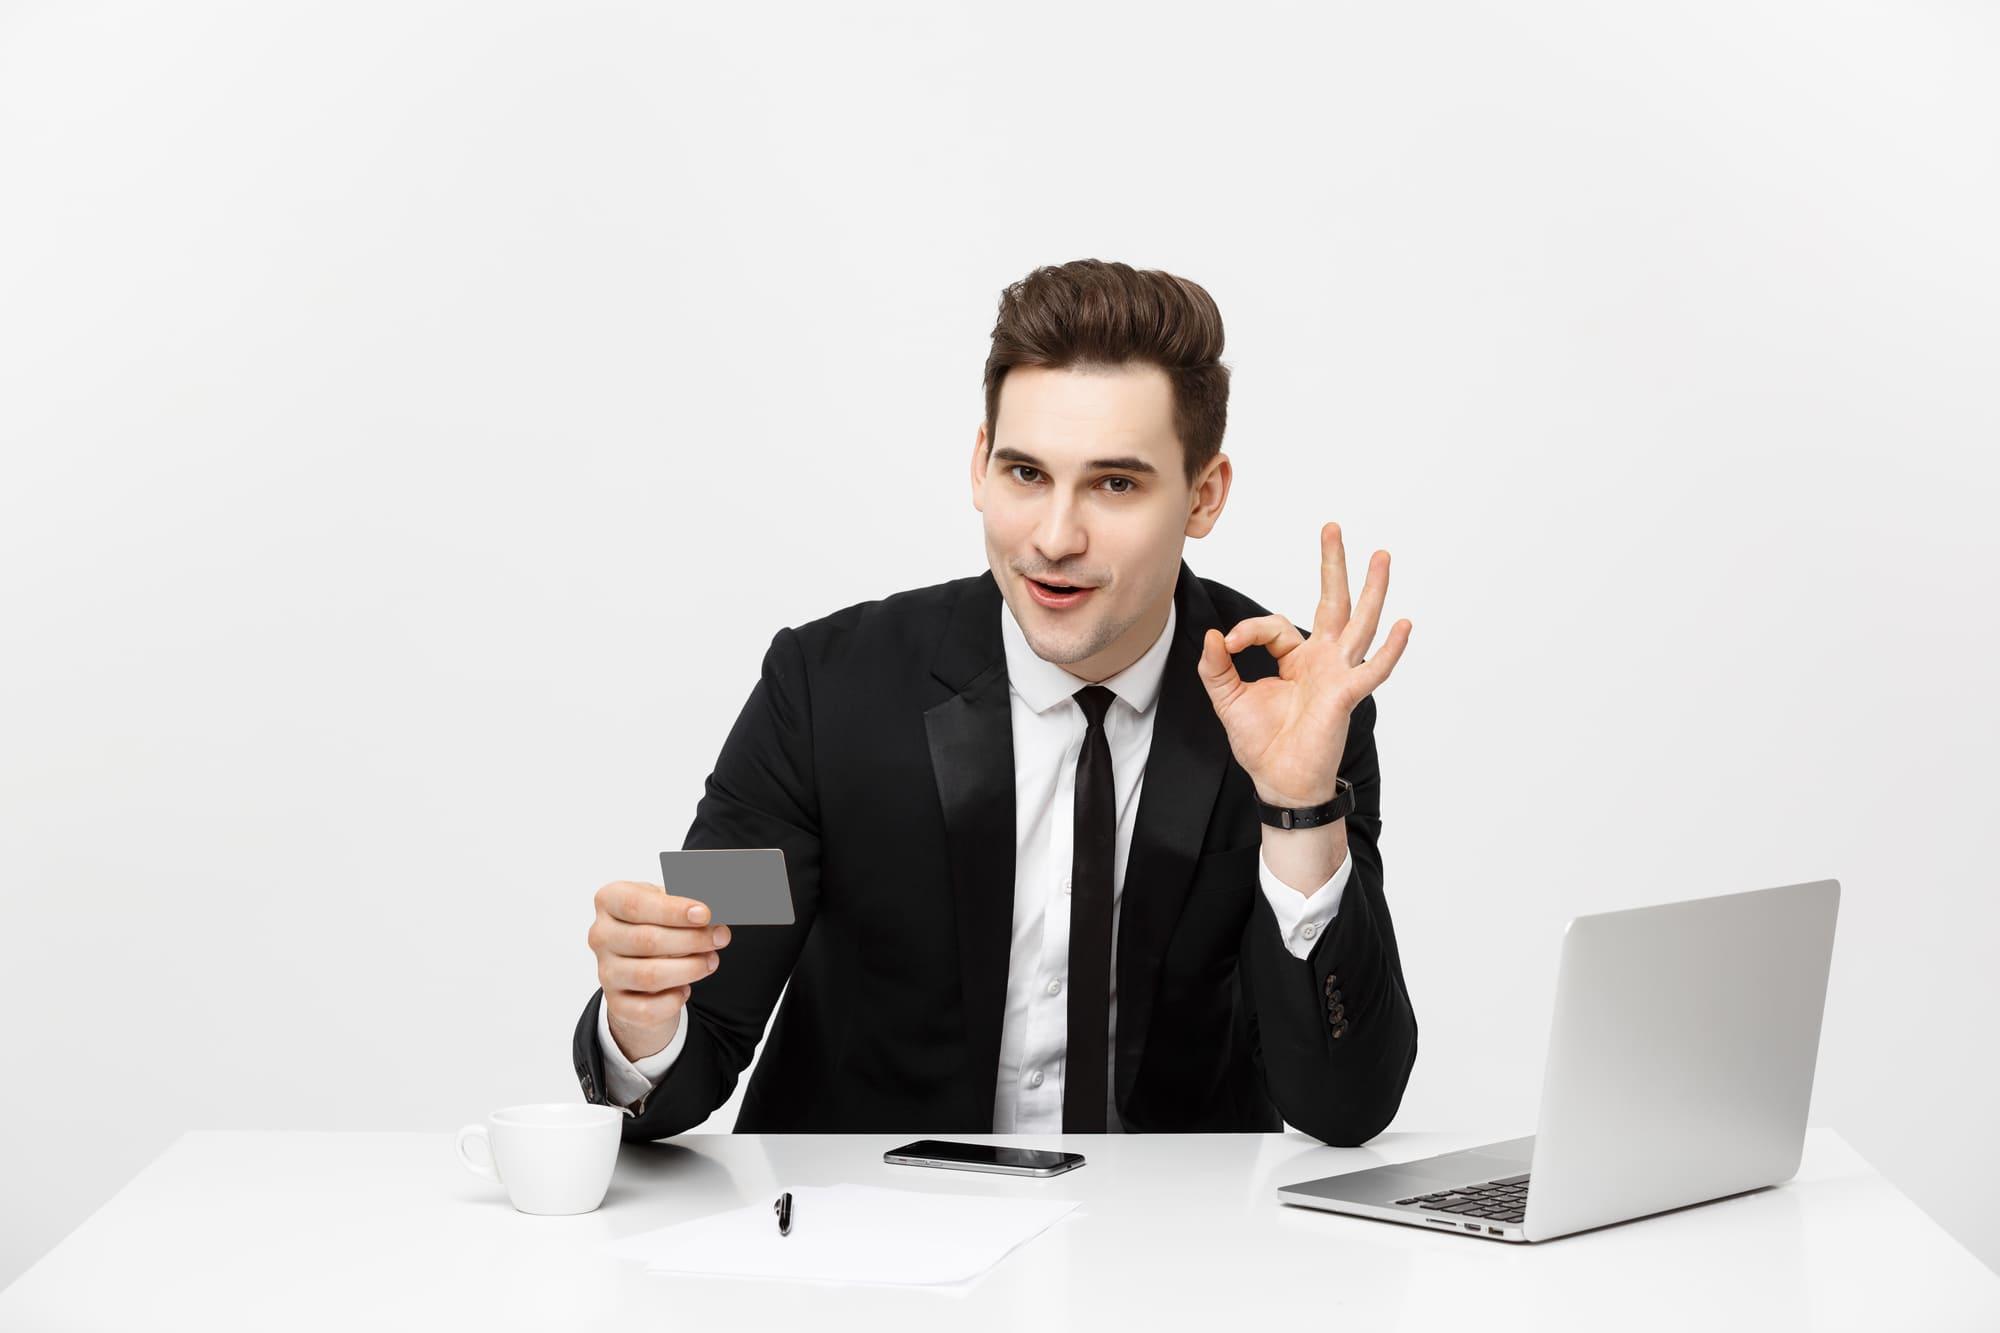 赤字でも法人カードの発行は可能!審査に通りやすい法人カードも紹介